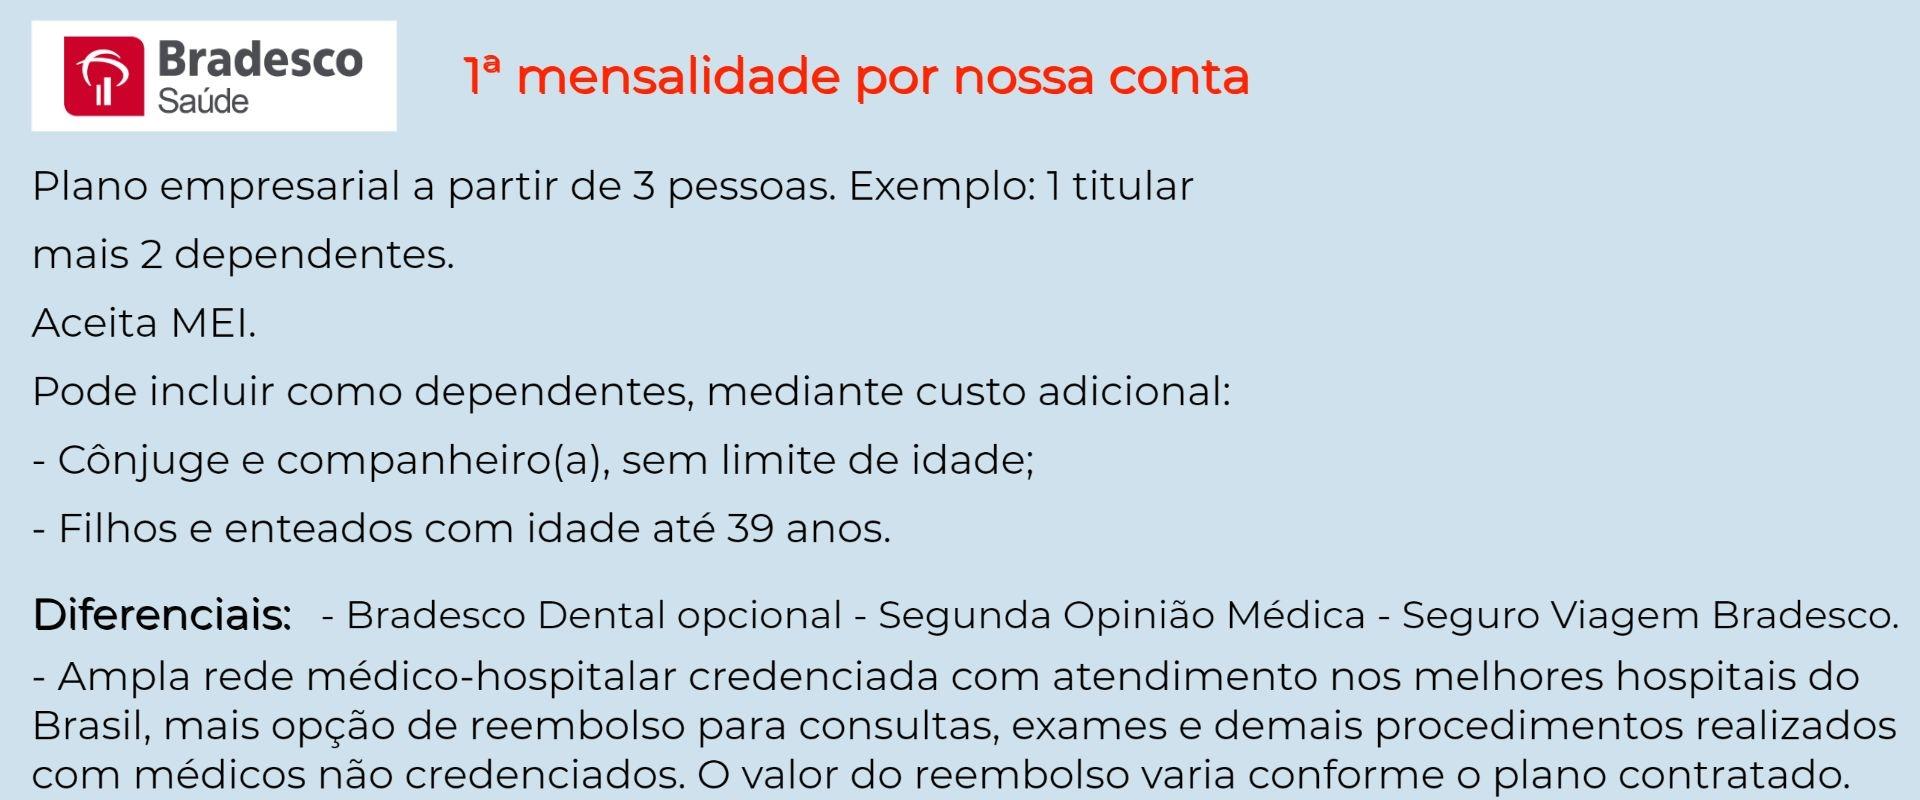 Bradesco Saúde Empresarial - Rio Bonito